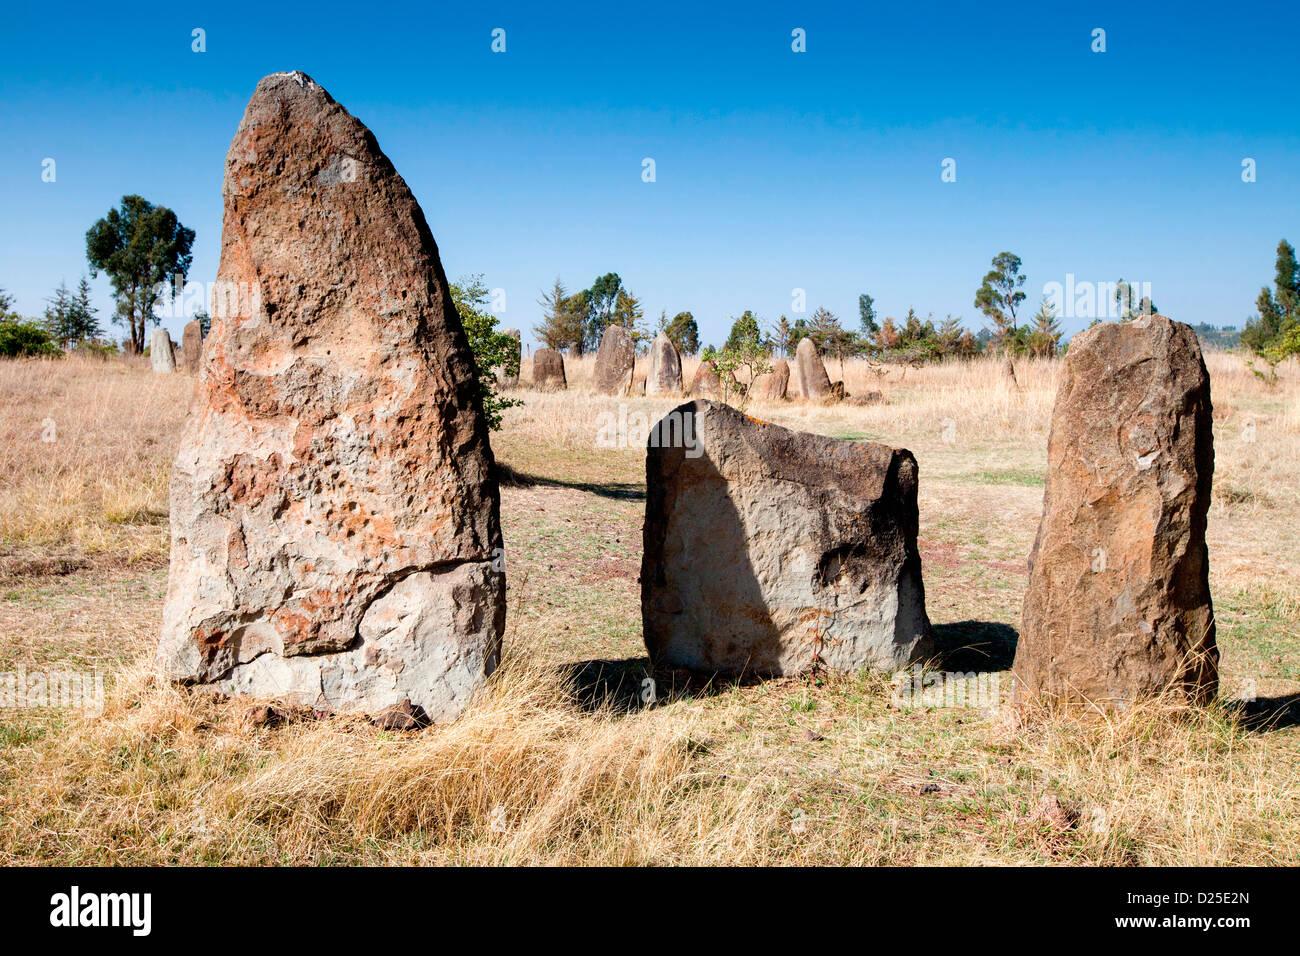 Il neolitico stele incisi con spade in piedi in un campo nei pressi del villaggio di Tiya in Etiopia, Africa. Foto Stock